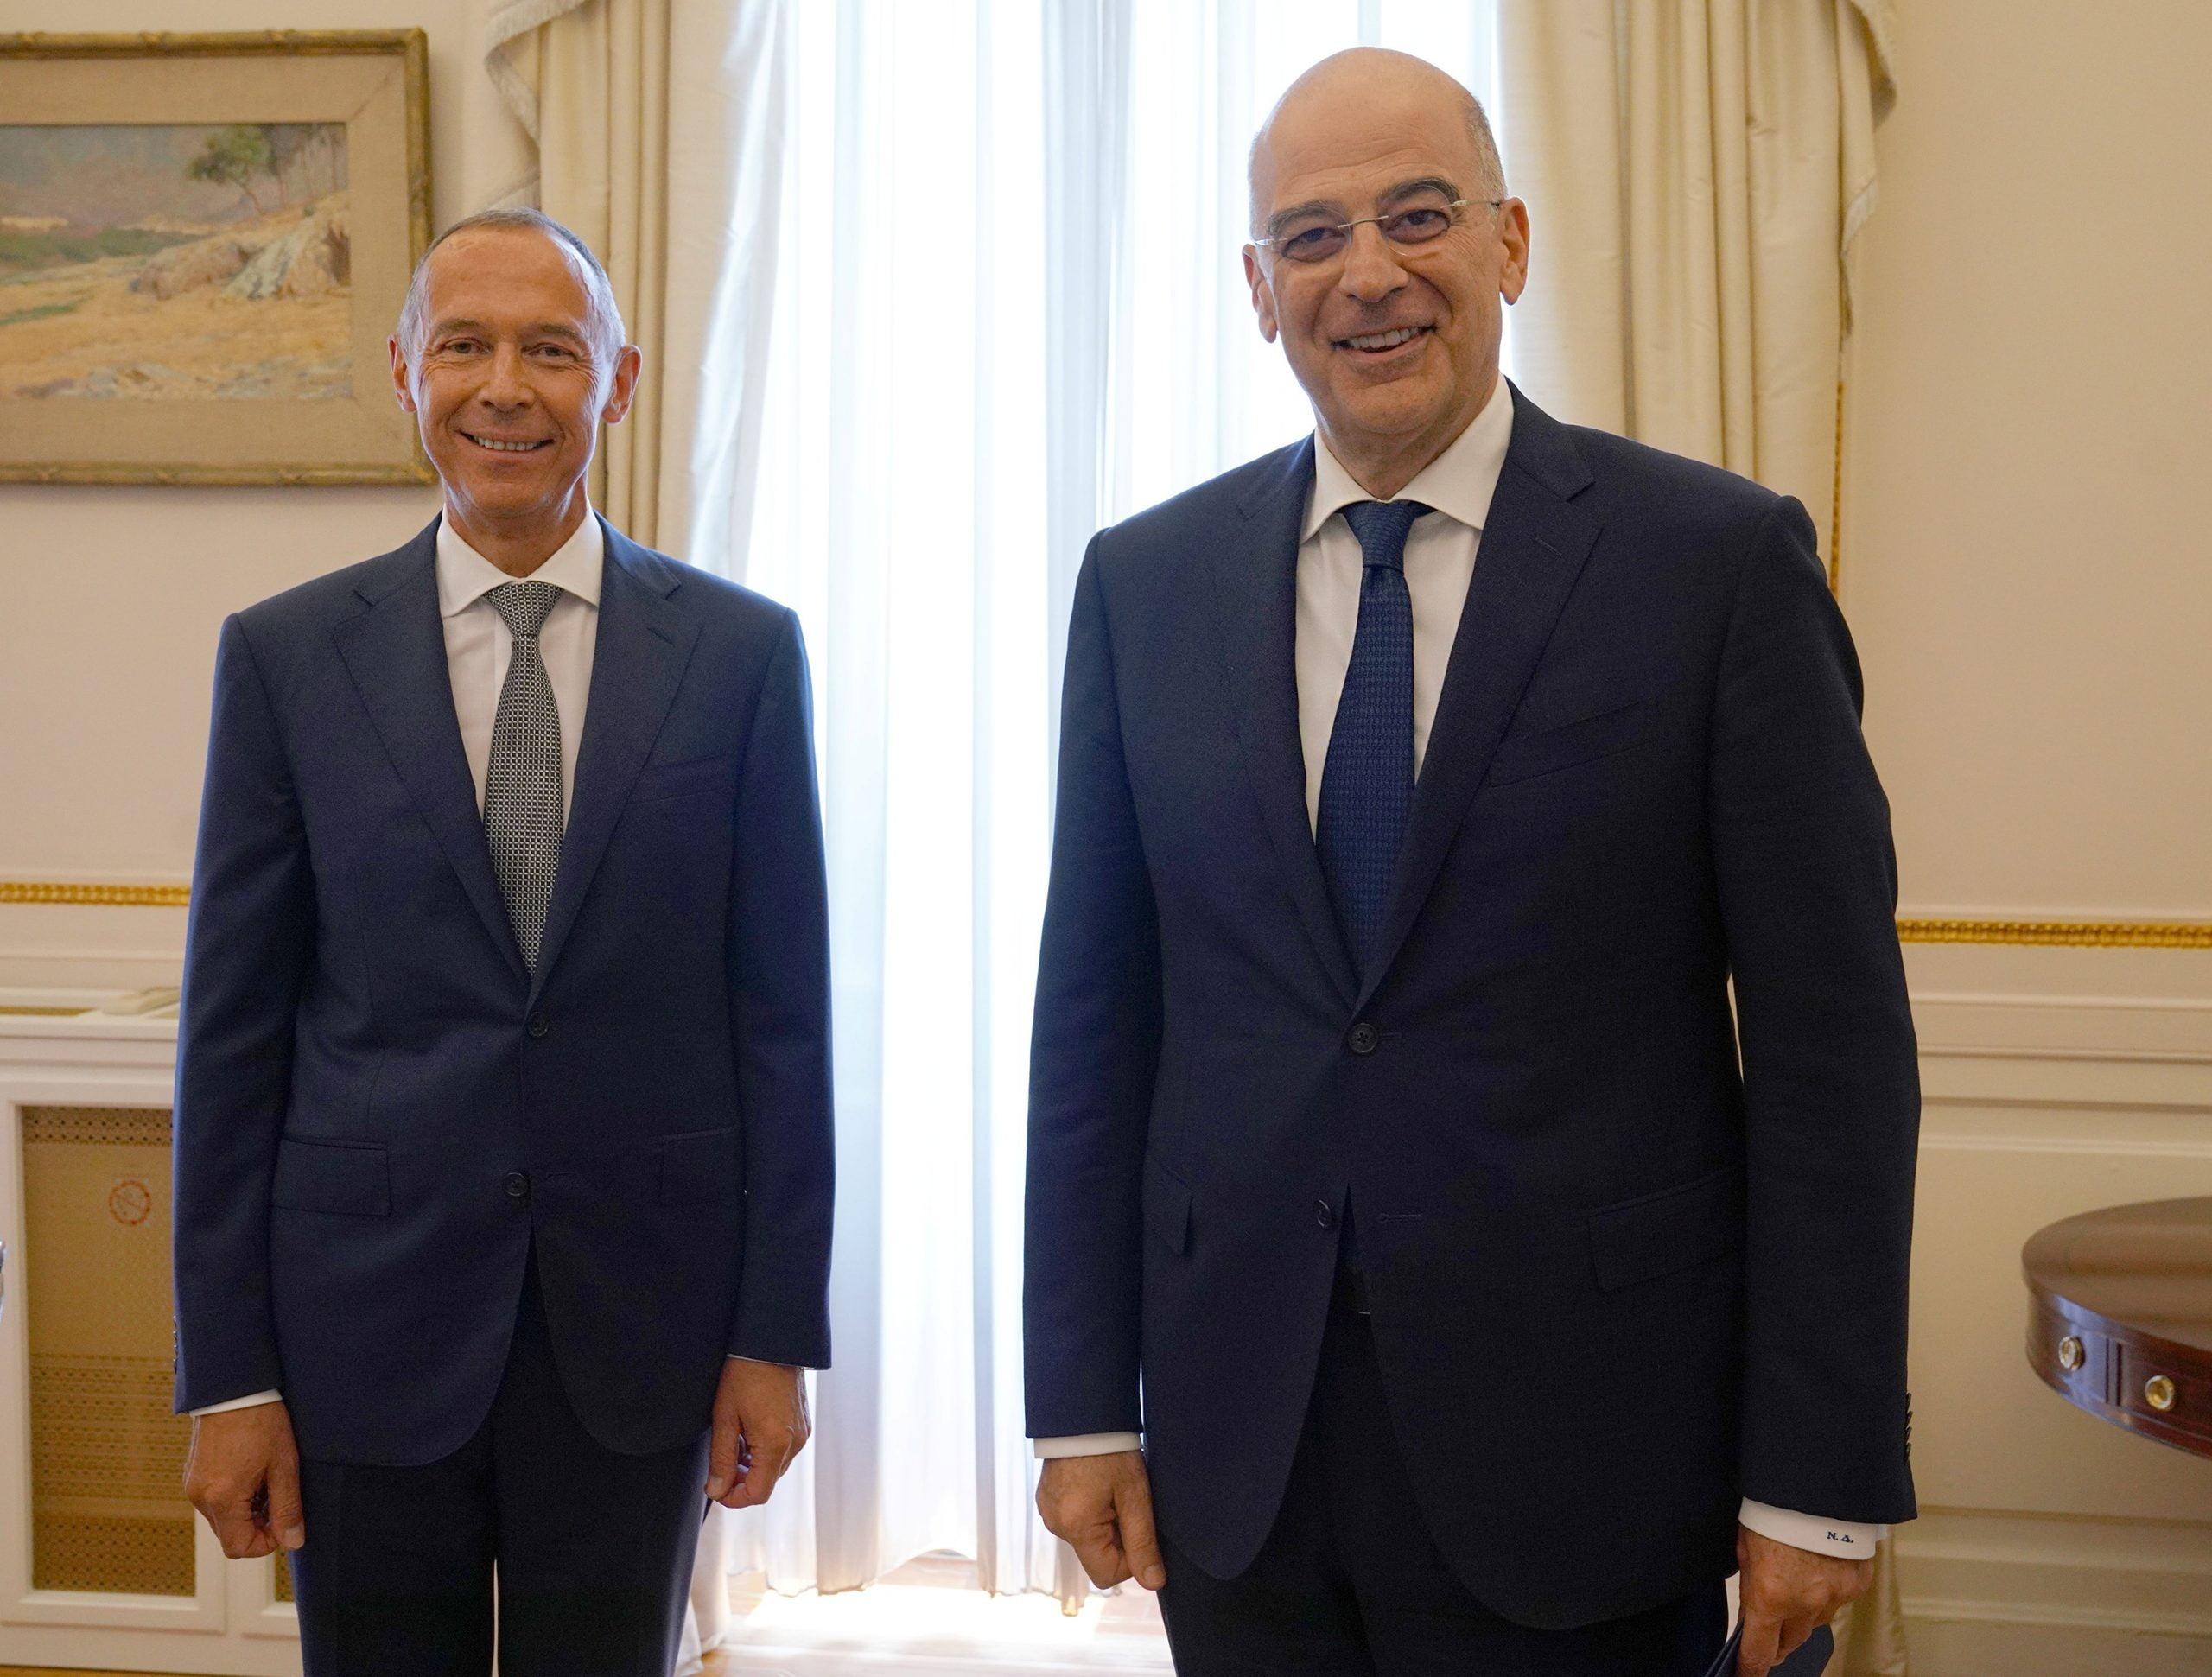 Συνάντηση Δένδια – Ρώσου πρέσβη στην Αθήνα: Τι συζητήθηκε